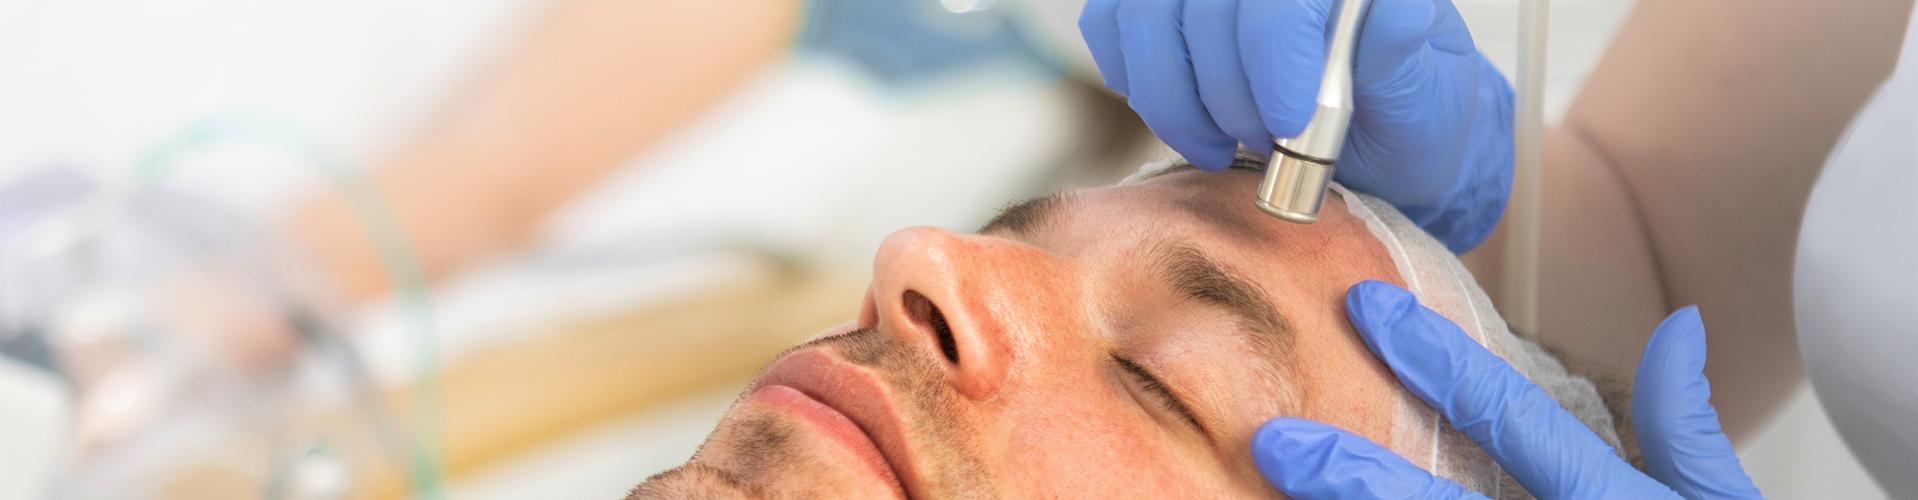 Ein Mann, der mit Lasertharapie behandelt wird